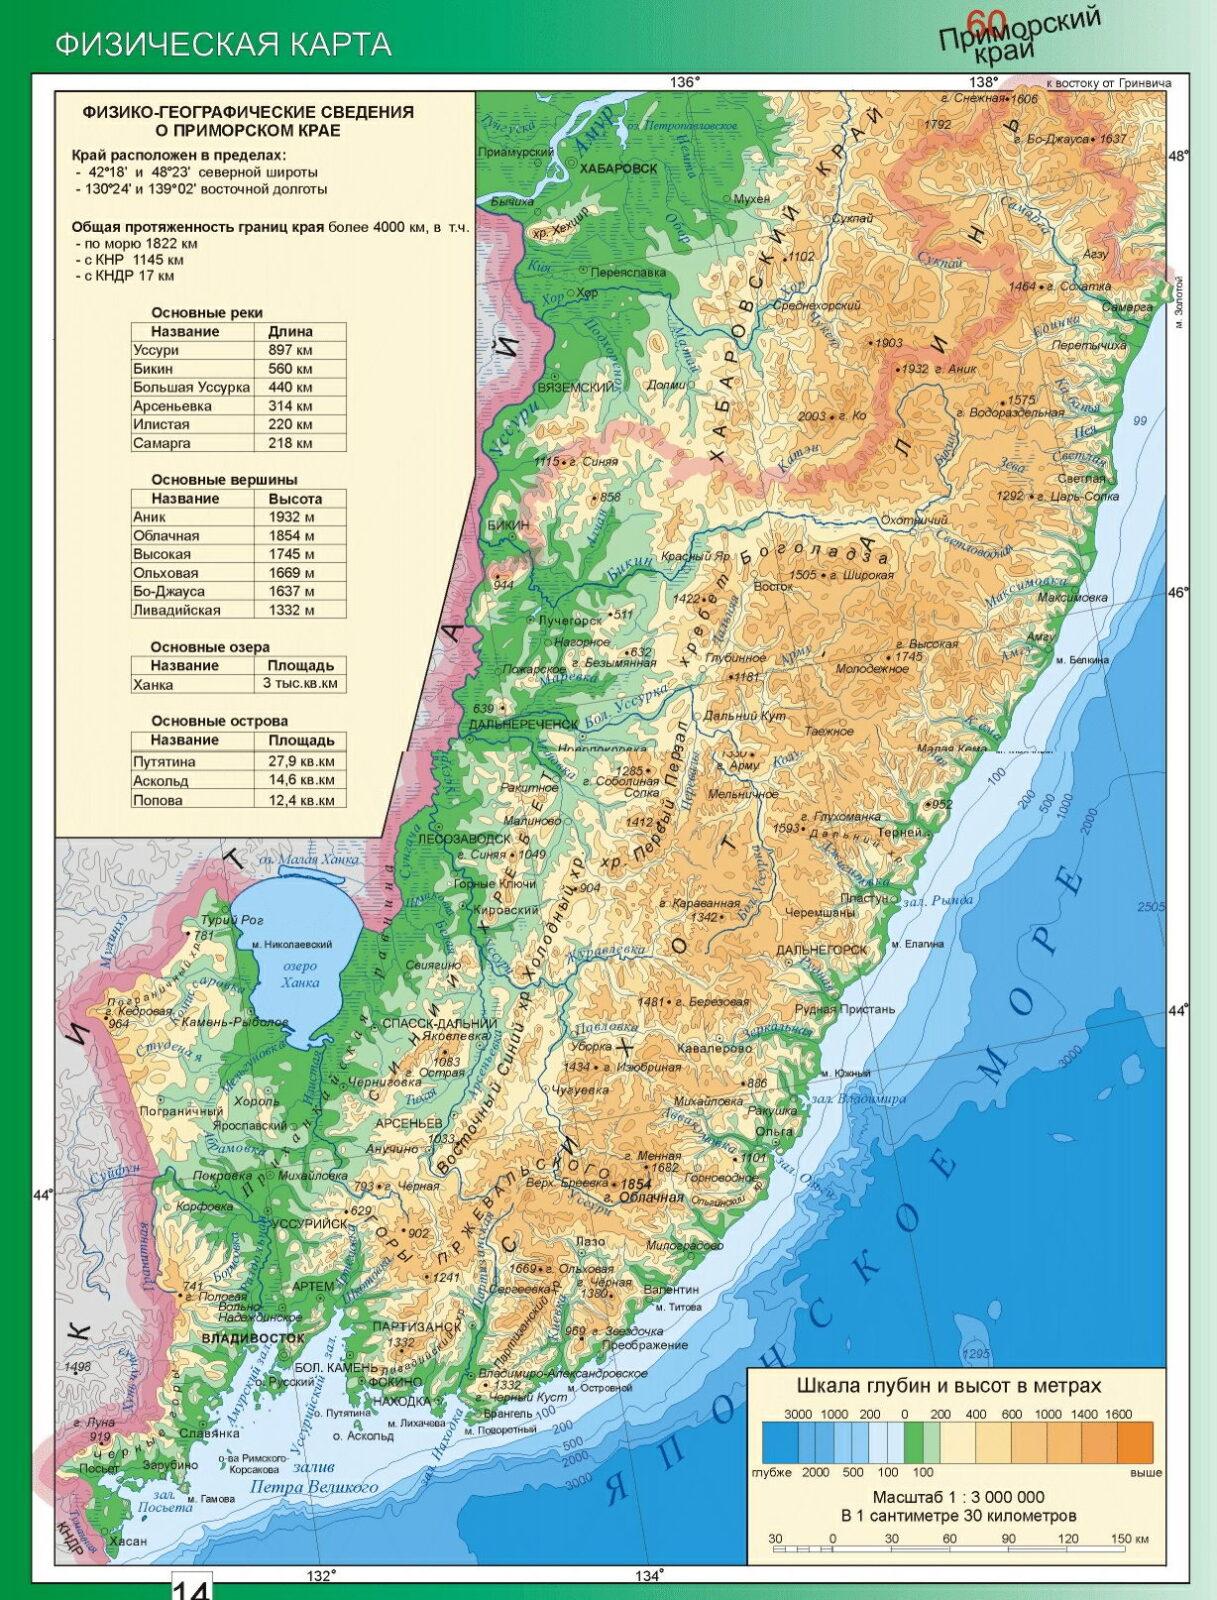 Физическая карта Приморского края